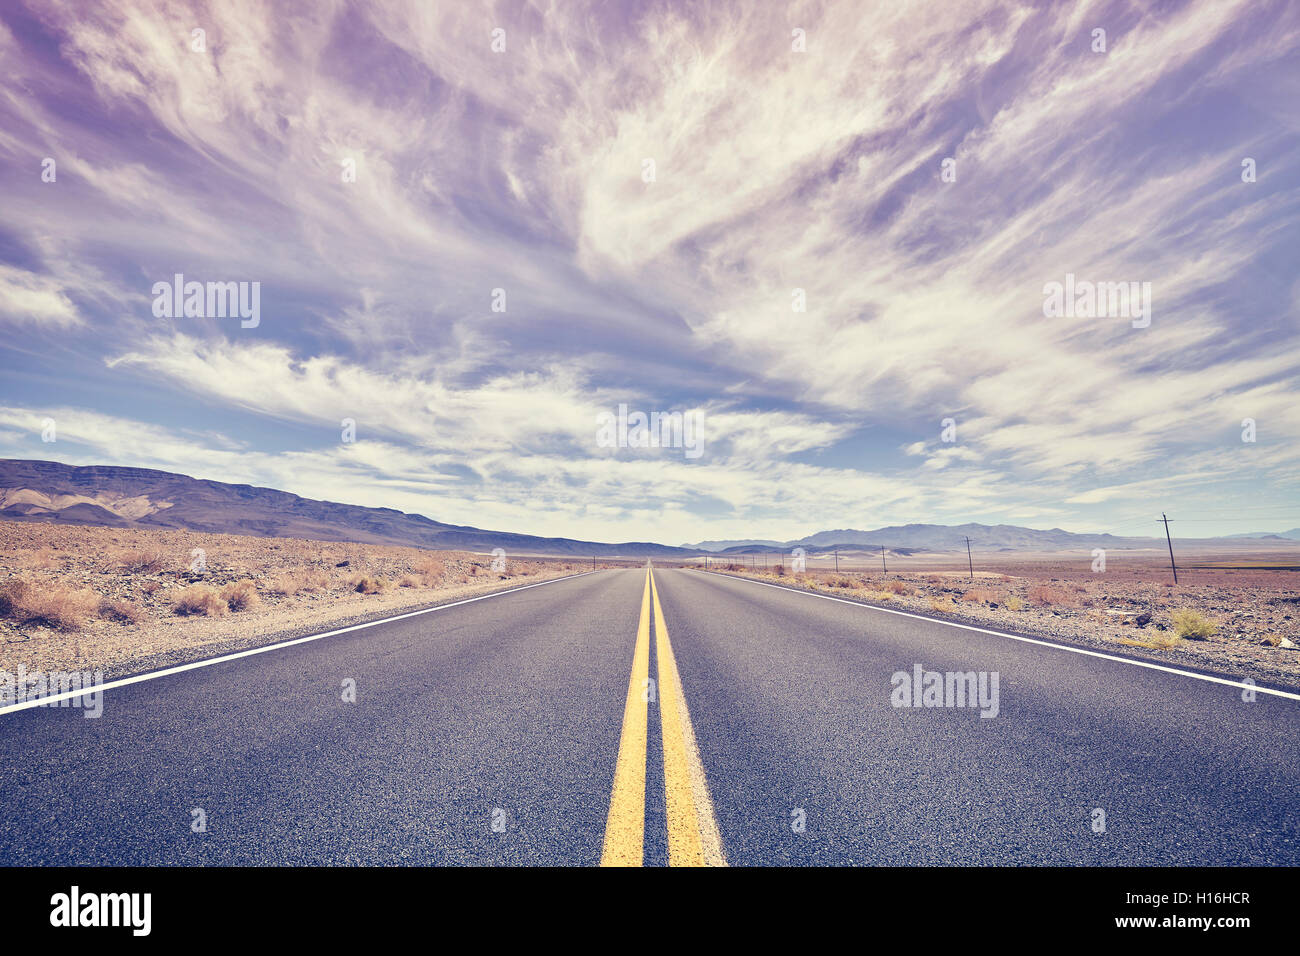 Endlosen Wüstenstraße im Death Valley, Rosenquarz und Gelassenheit Farbe getönt, Reisekonzept, USA. Stockbild